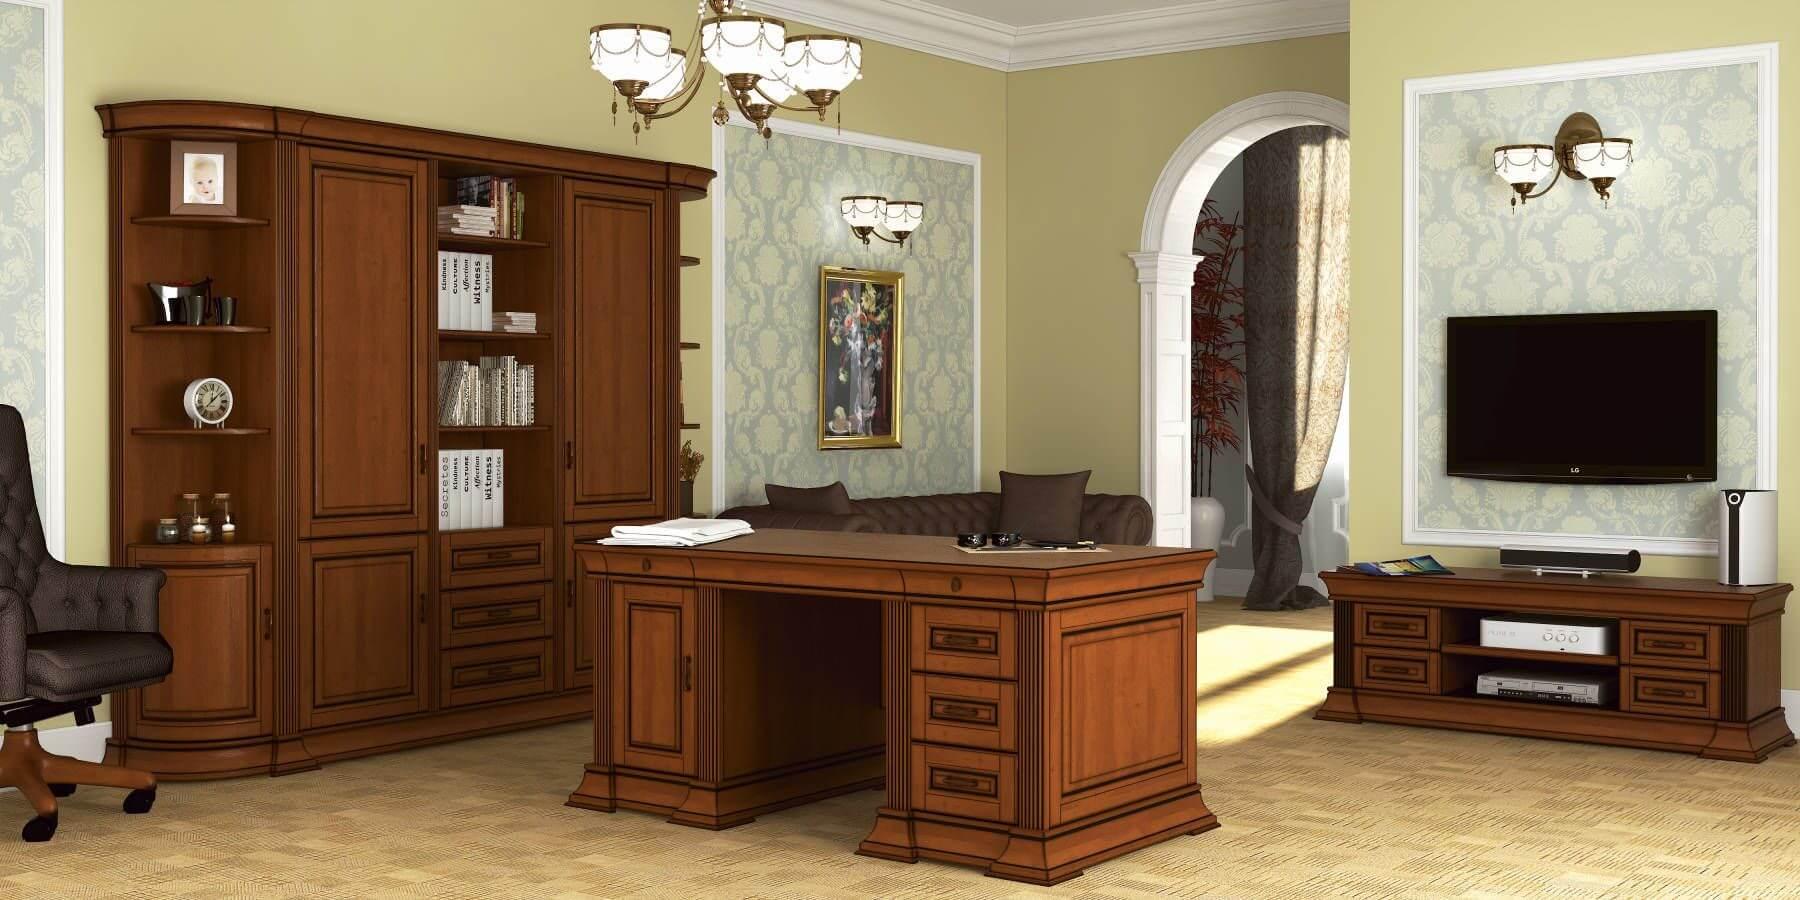 Меблі «Марго» для кабінетів з натурального дерева масиву дуба